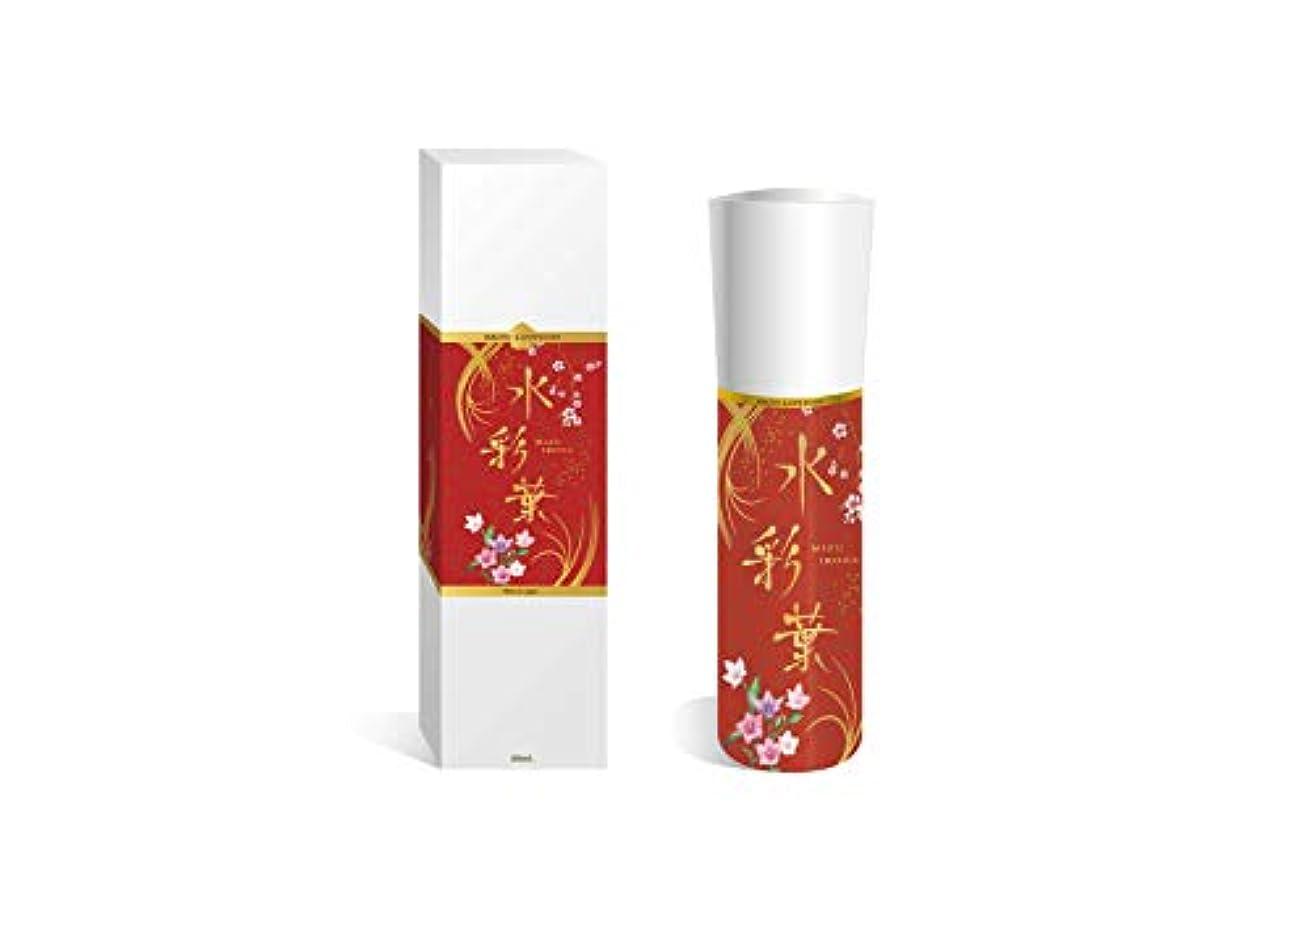 絡み合いれんがエントリ水彩葉 化粧水 (ボトル色:赤) 【 高保湿 防腐剤フリー トレハロース ヒアルロン酸 】